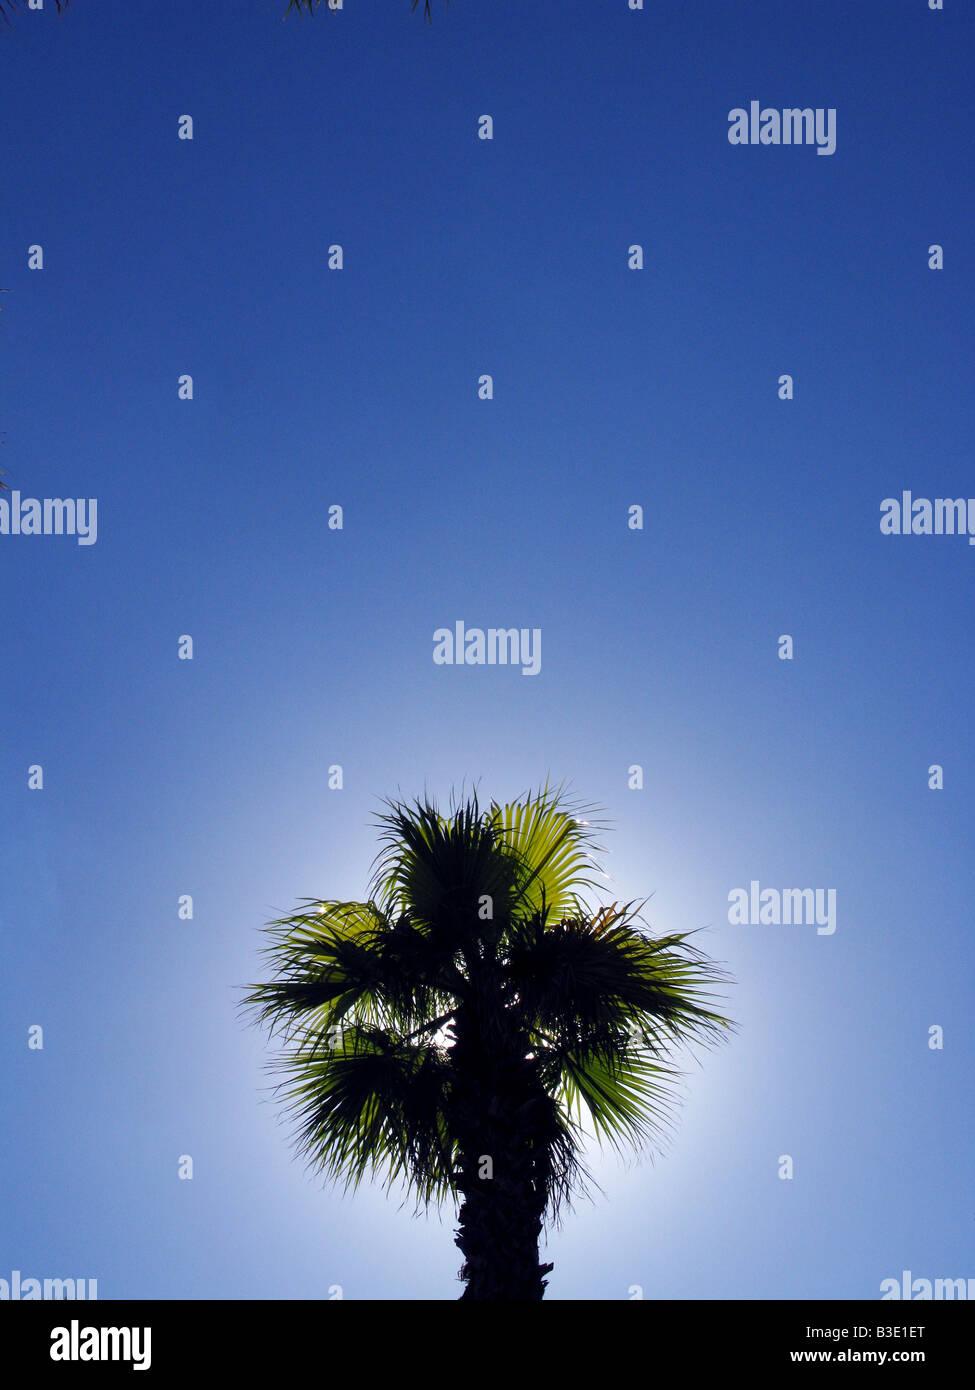 La parte superior de una palmera en el azul claro del cielo Imagen De Stock